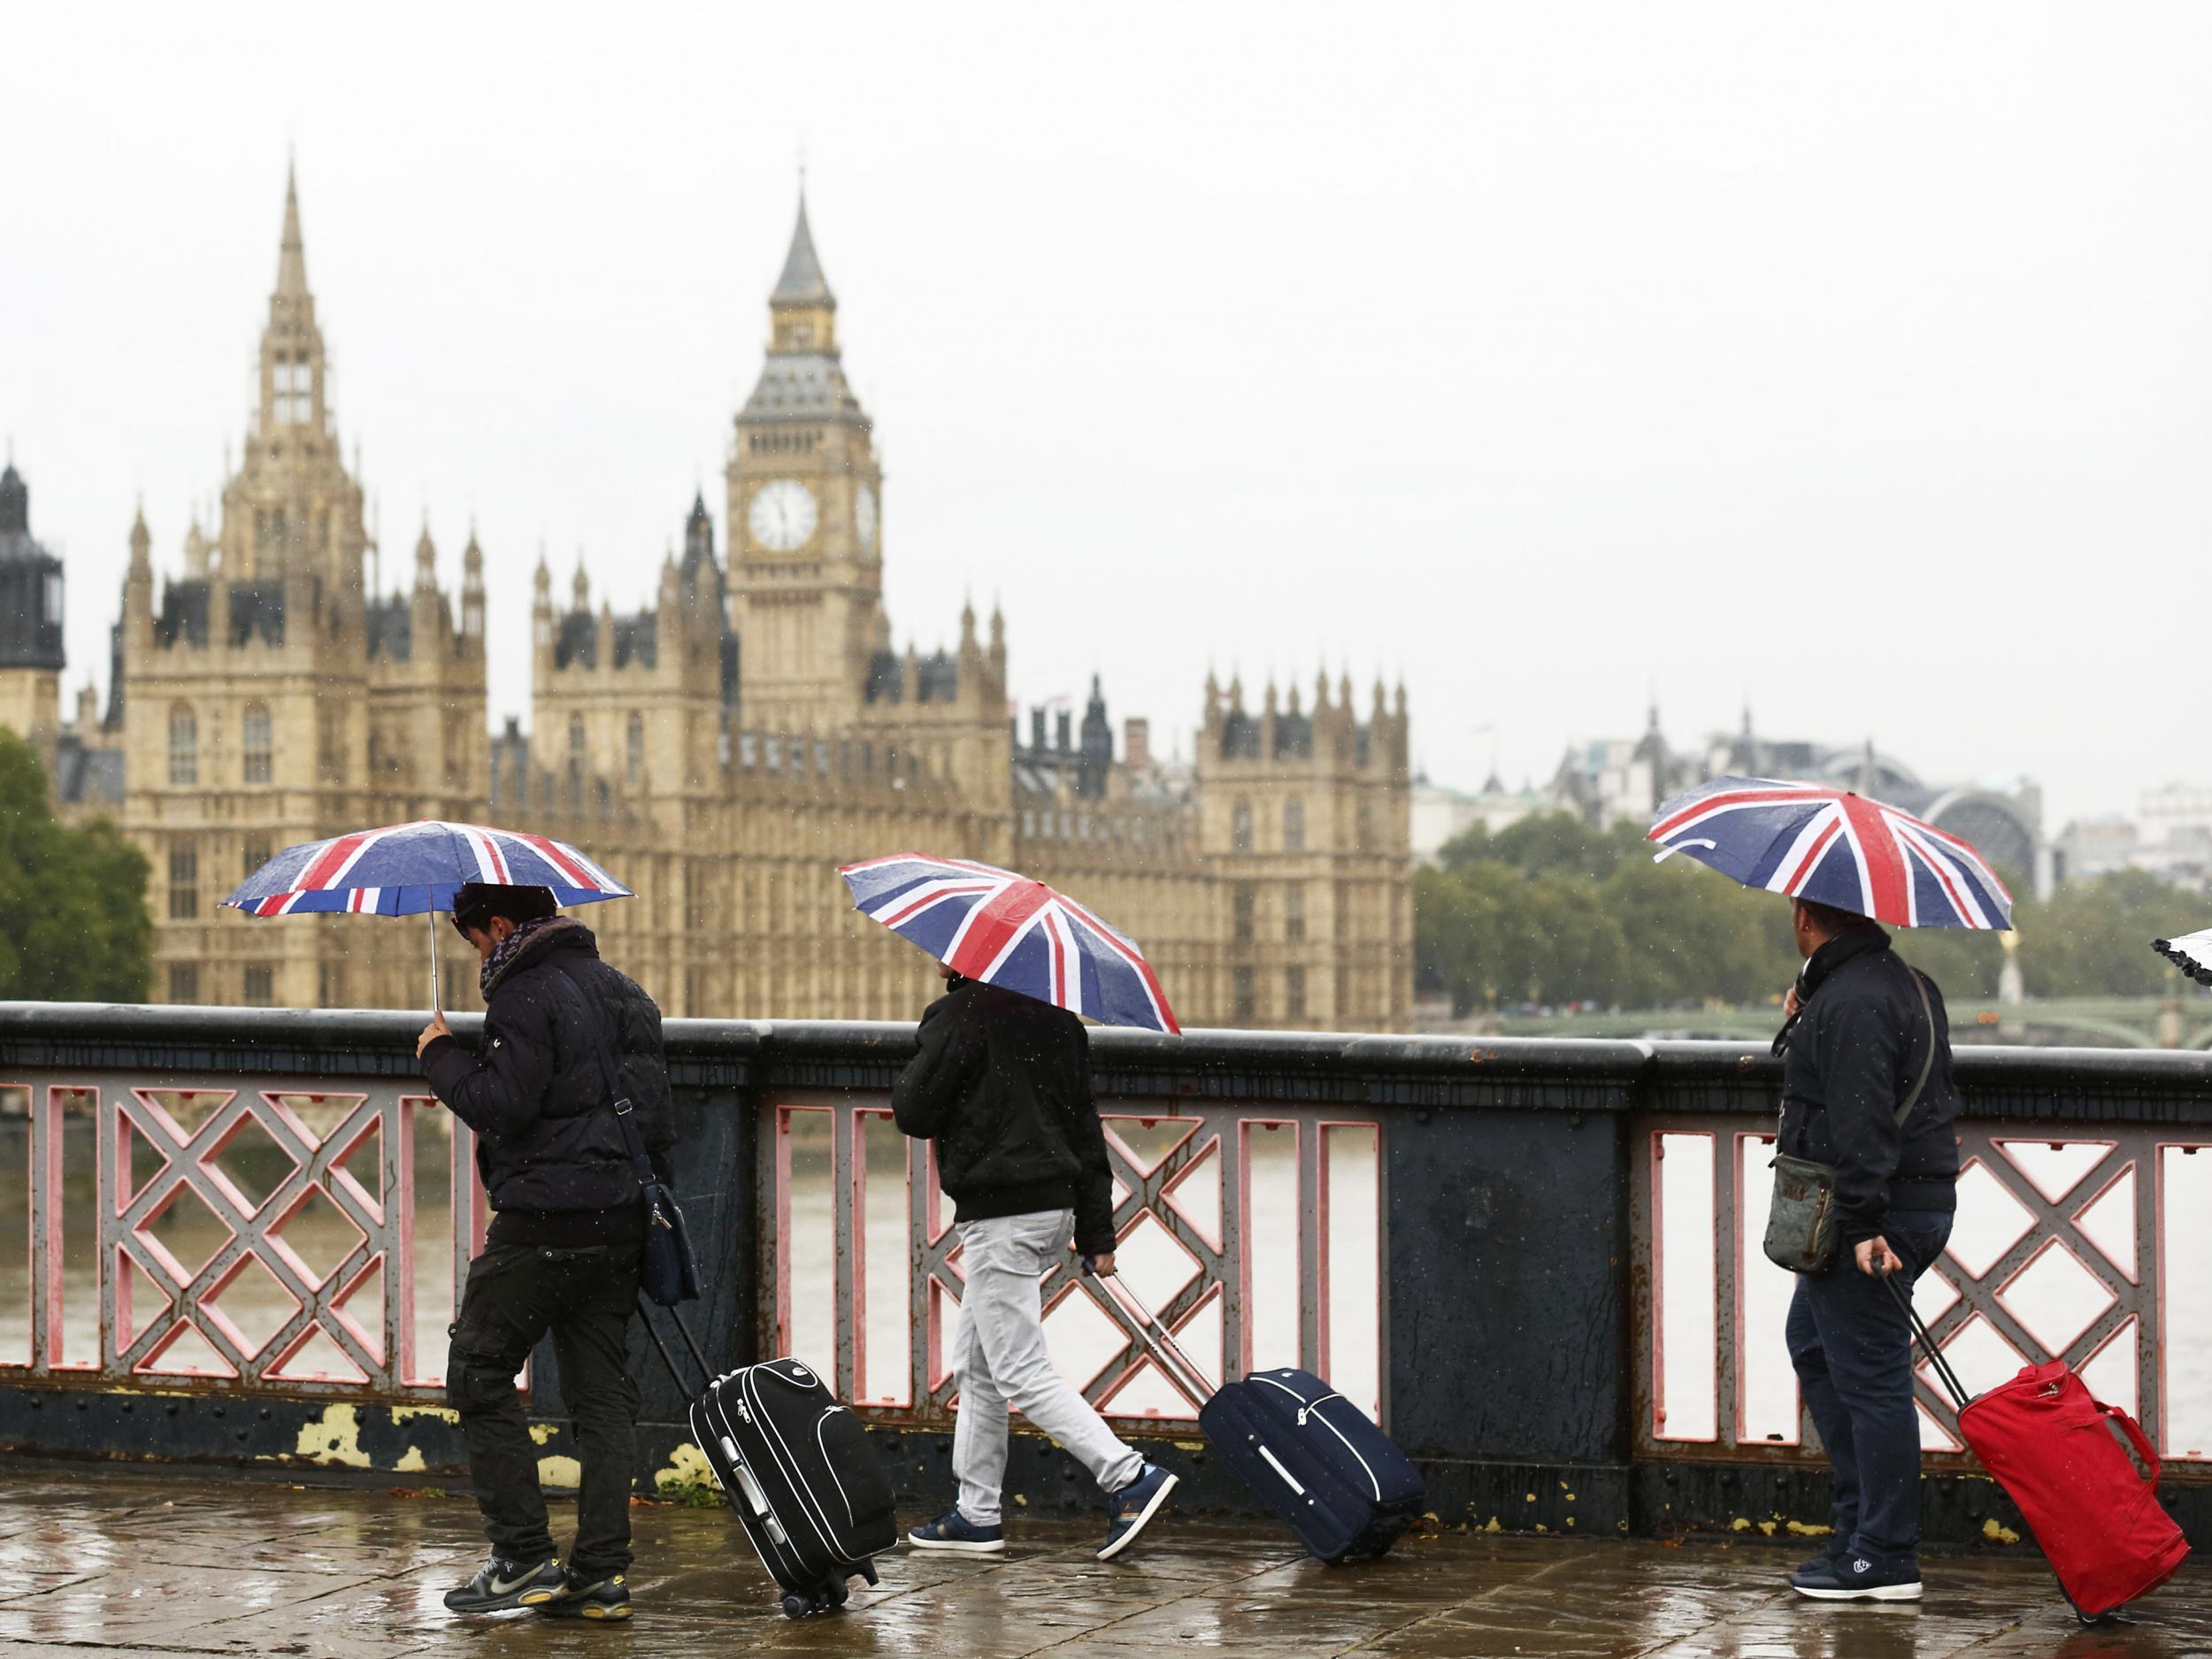 того, картинки про британскую погоду следует поститься